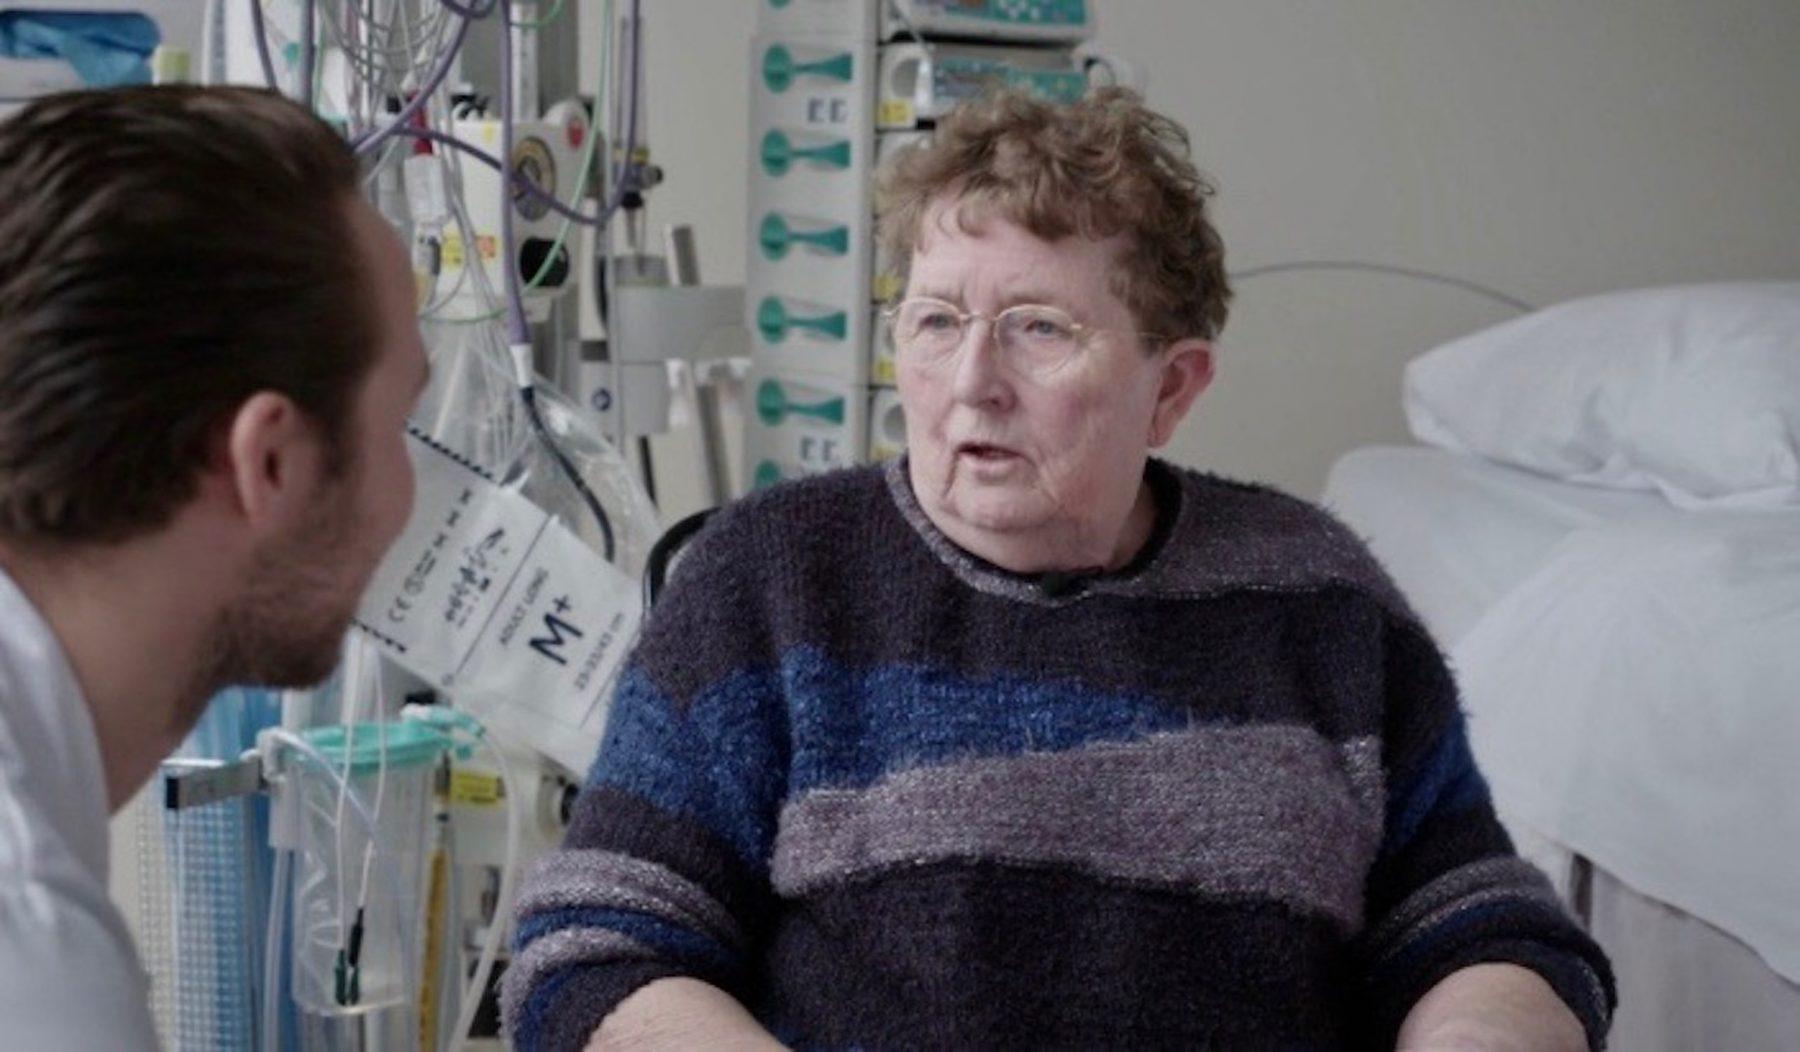 Henny is door virtual reality nare herinneringen aan ziekenhuisopname kwijt